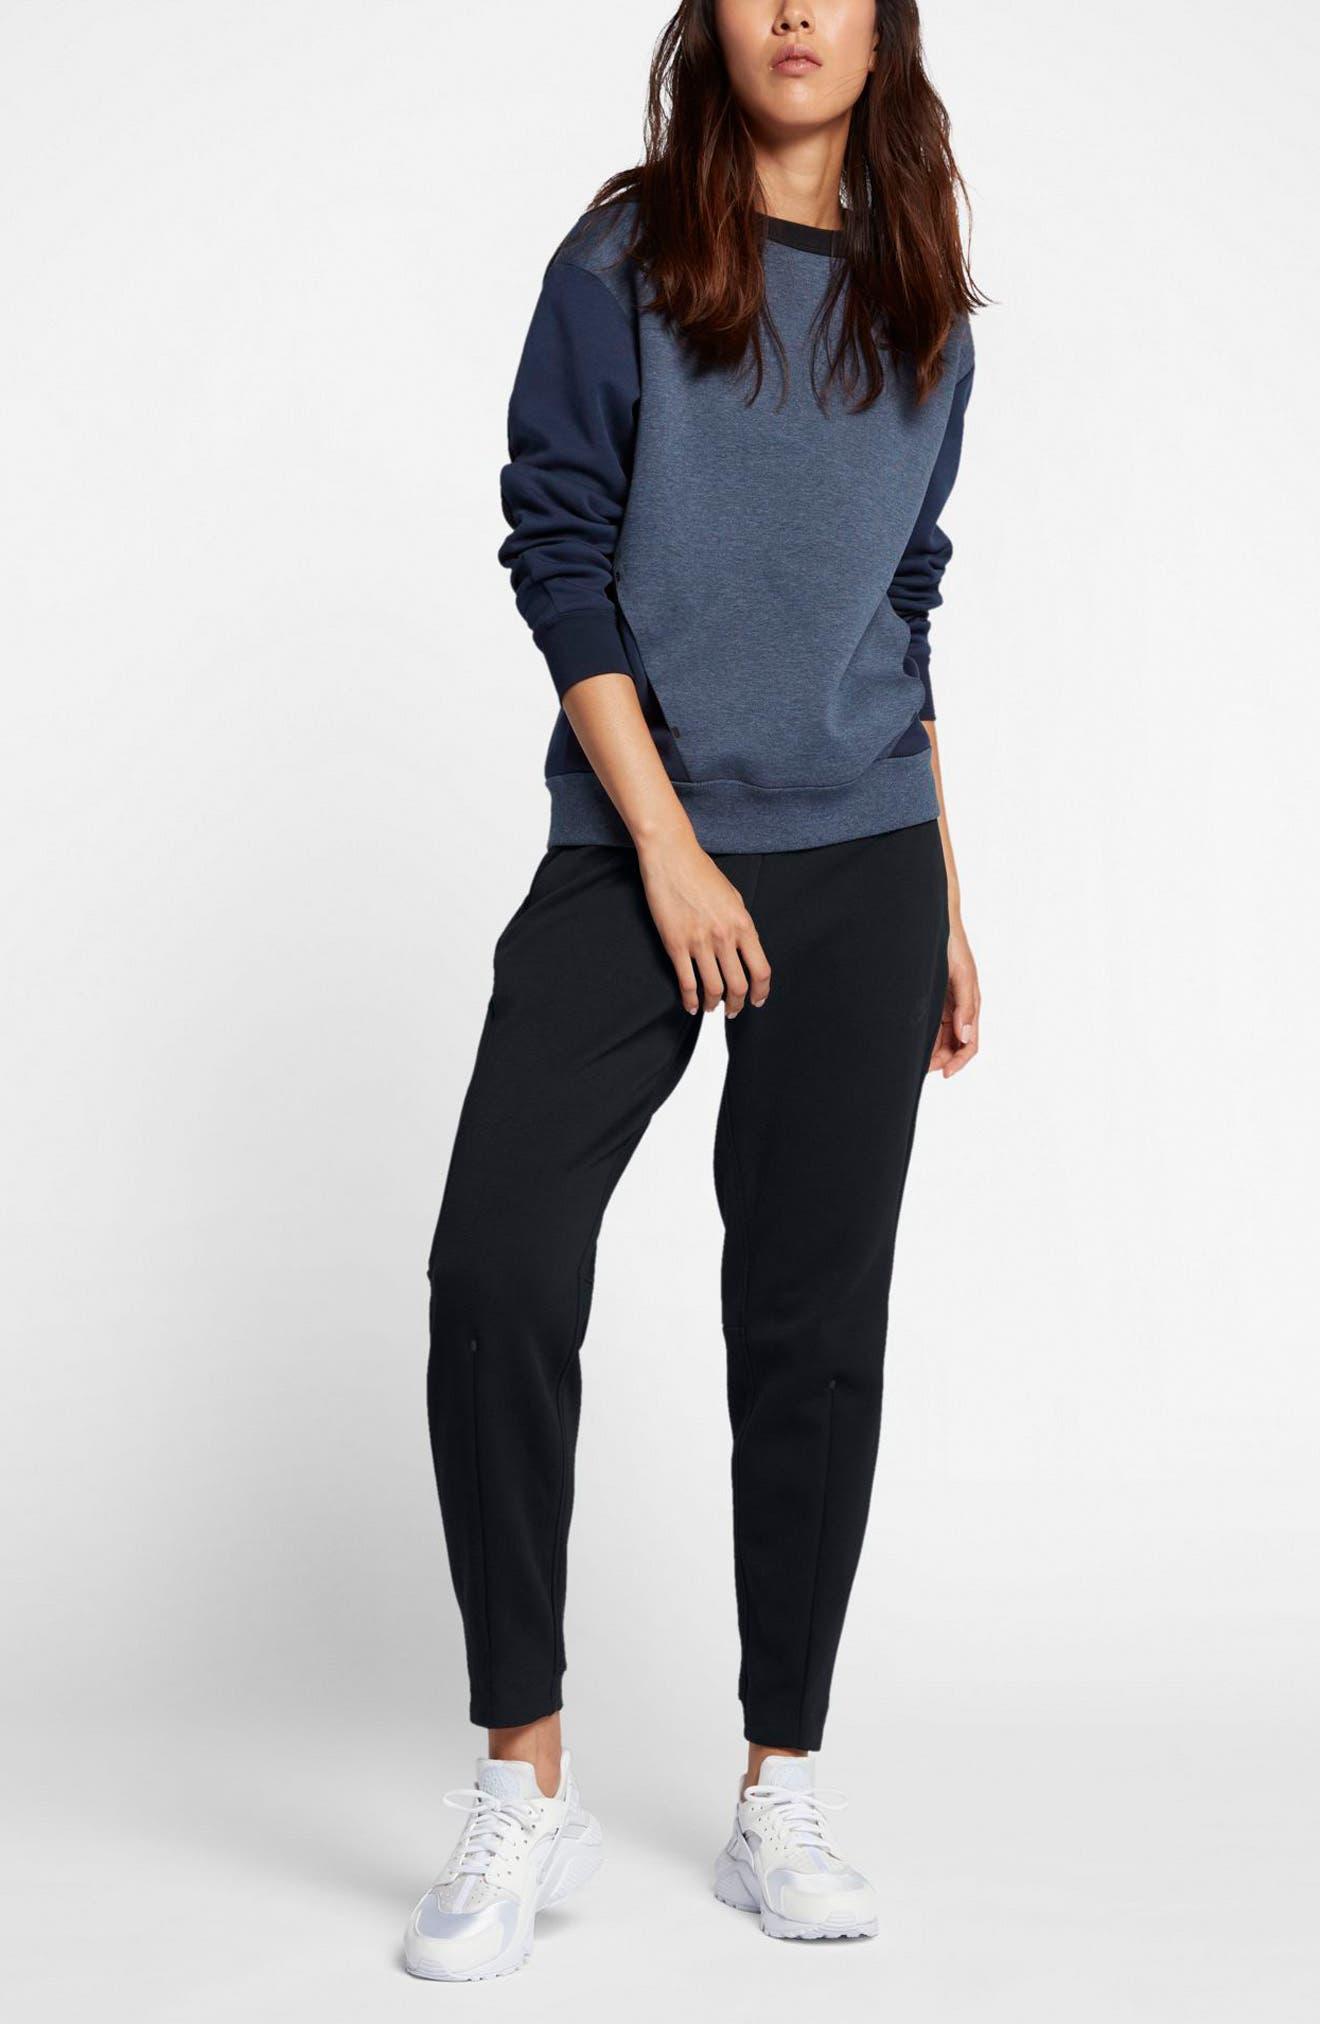 Sportswear Women's Tech Fleece Pants,                             Alternate thumbnail 8, color,                             010